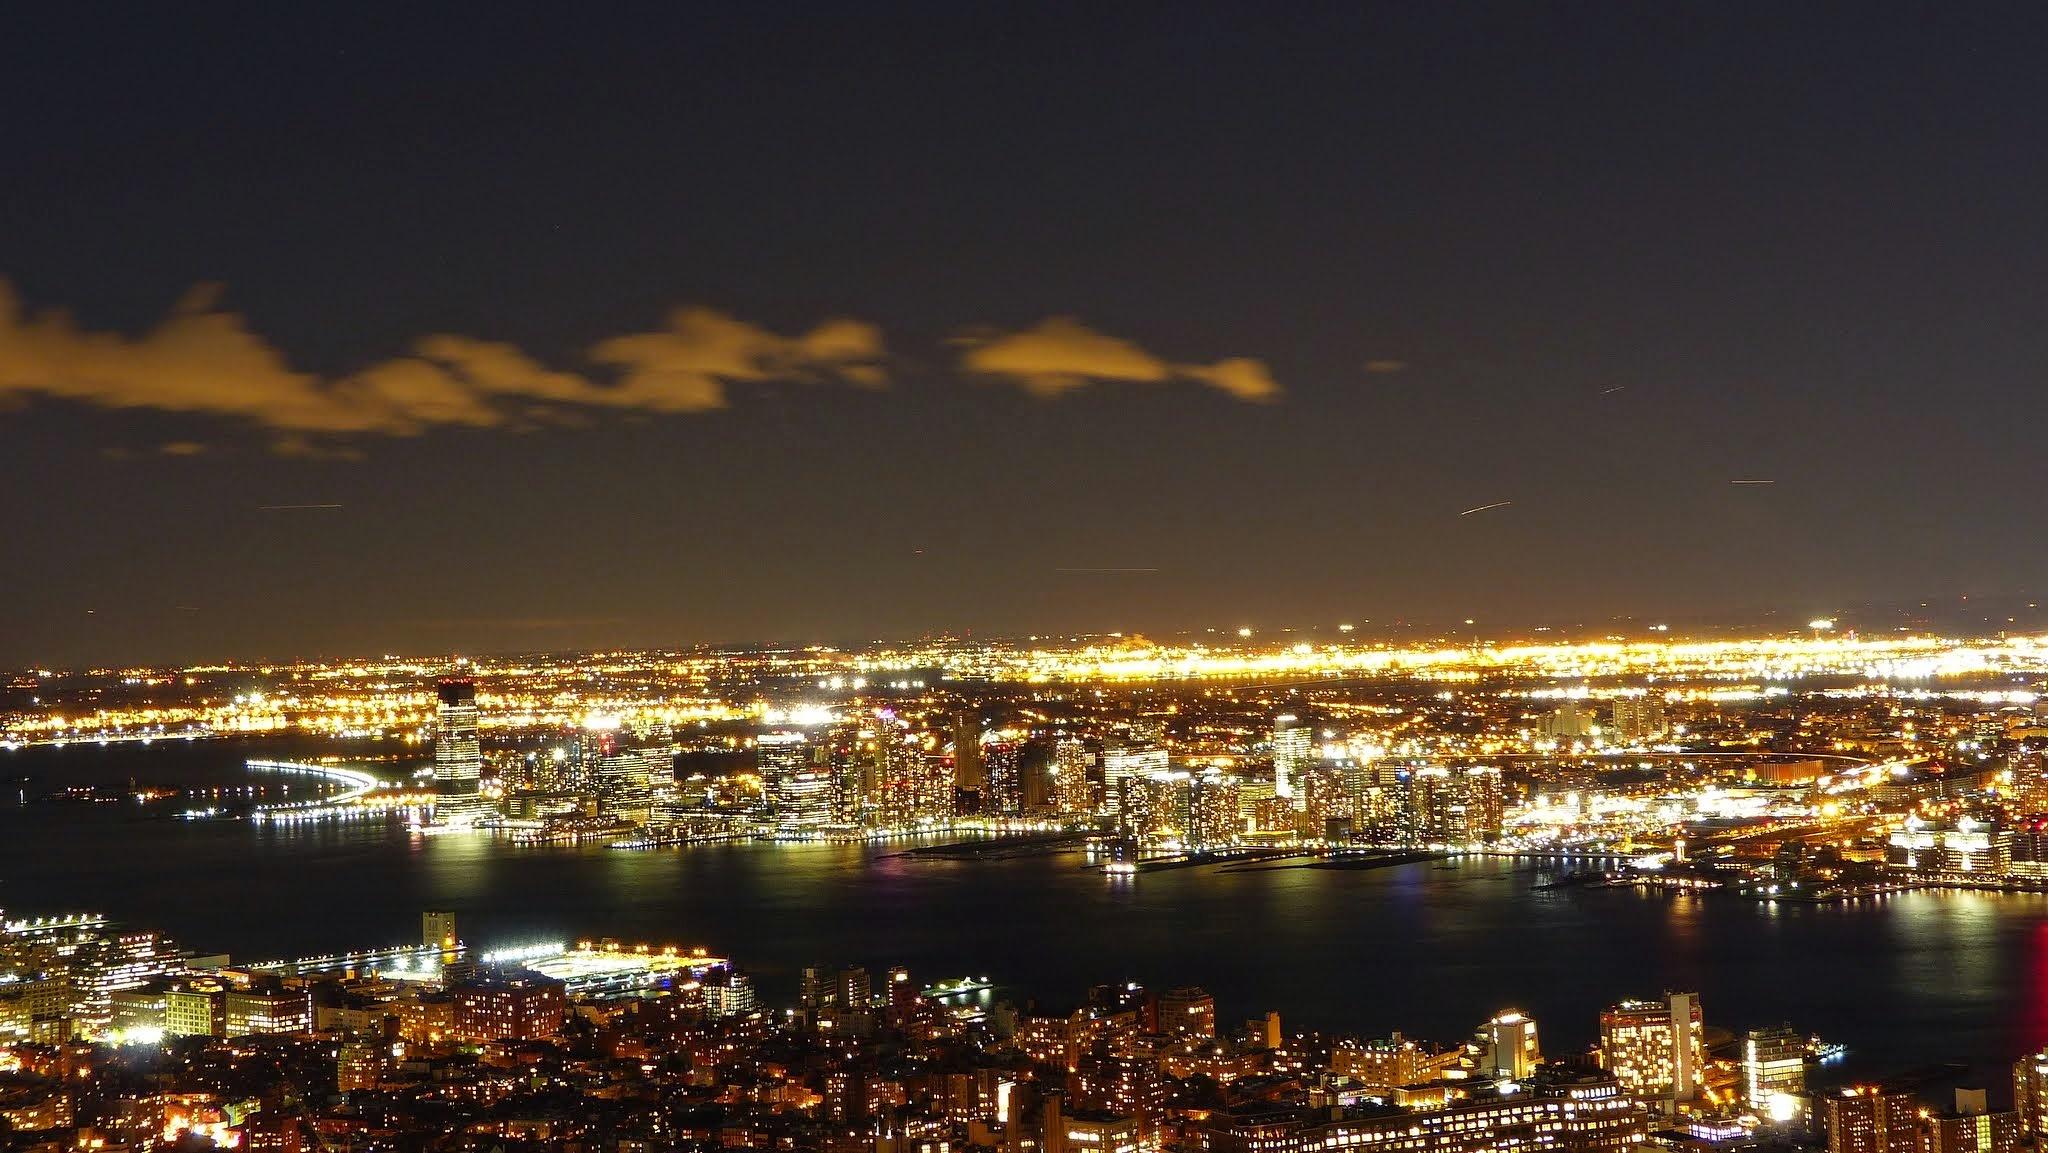 NY at night #3 by emalfni